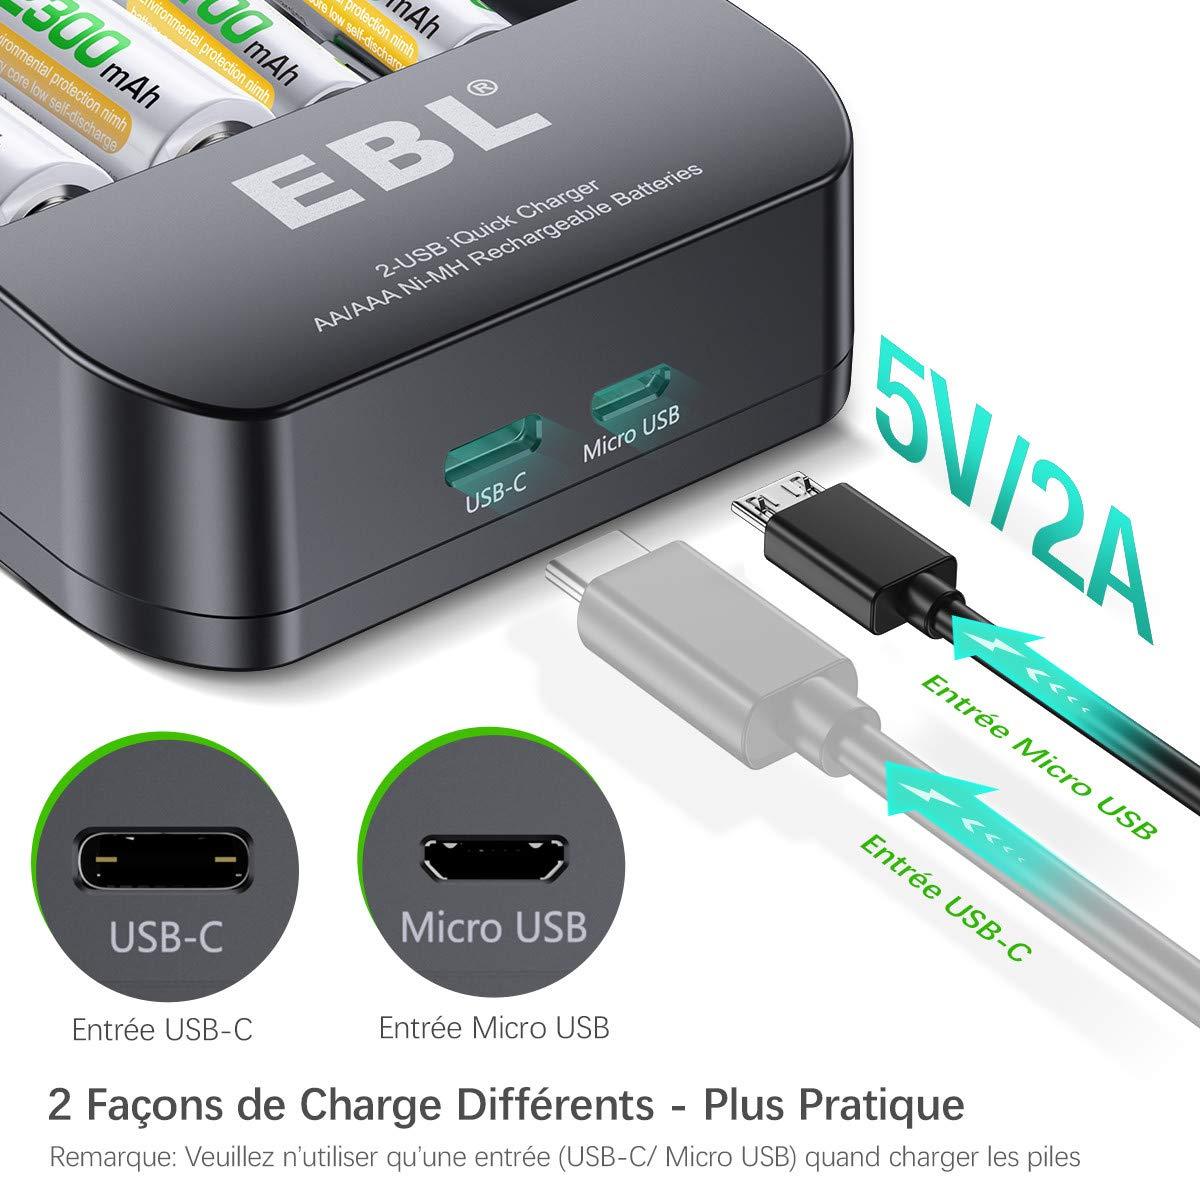 EBL iQuick Chargeur Super Rapide de Piles Rechargeables Ni-MH AA/AAA avec Port USB et USB C